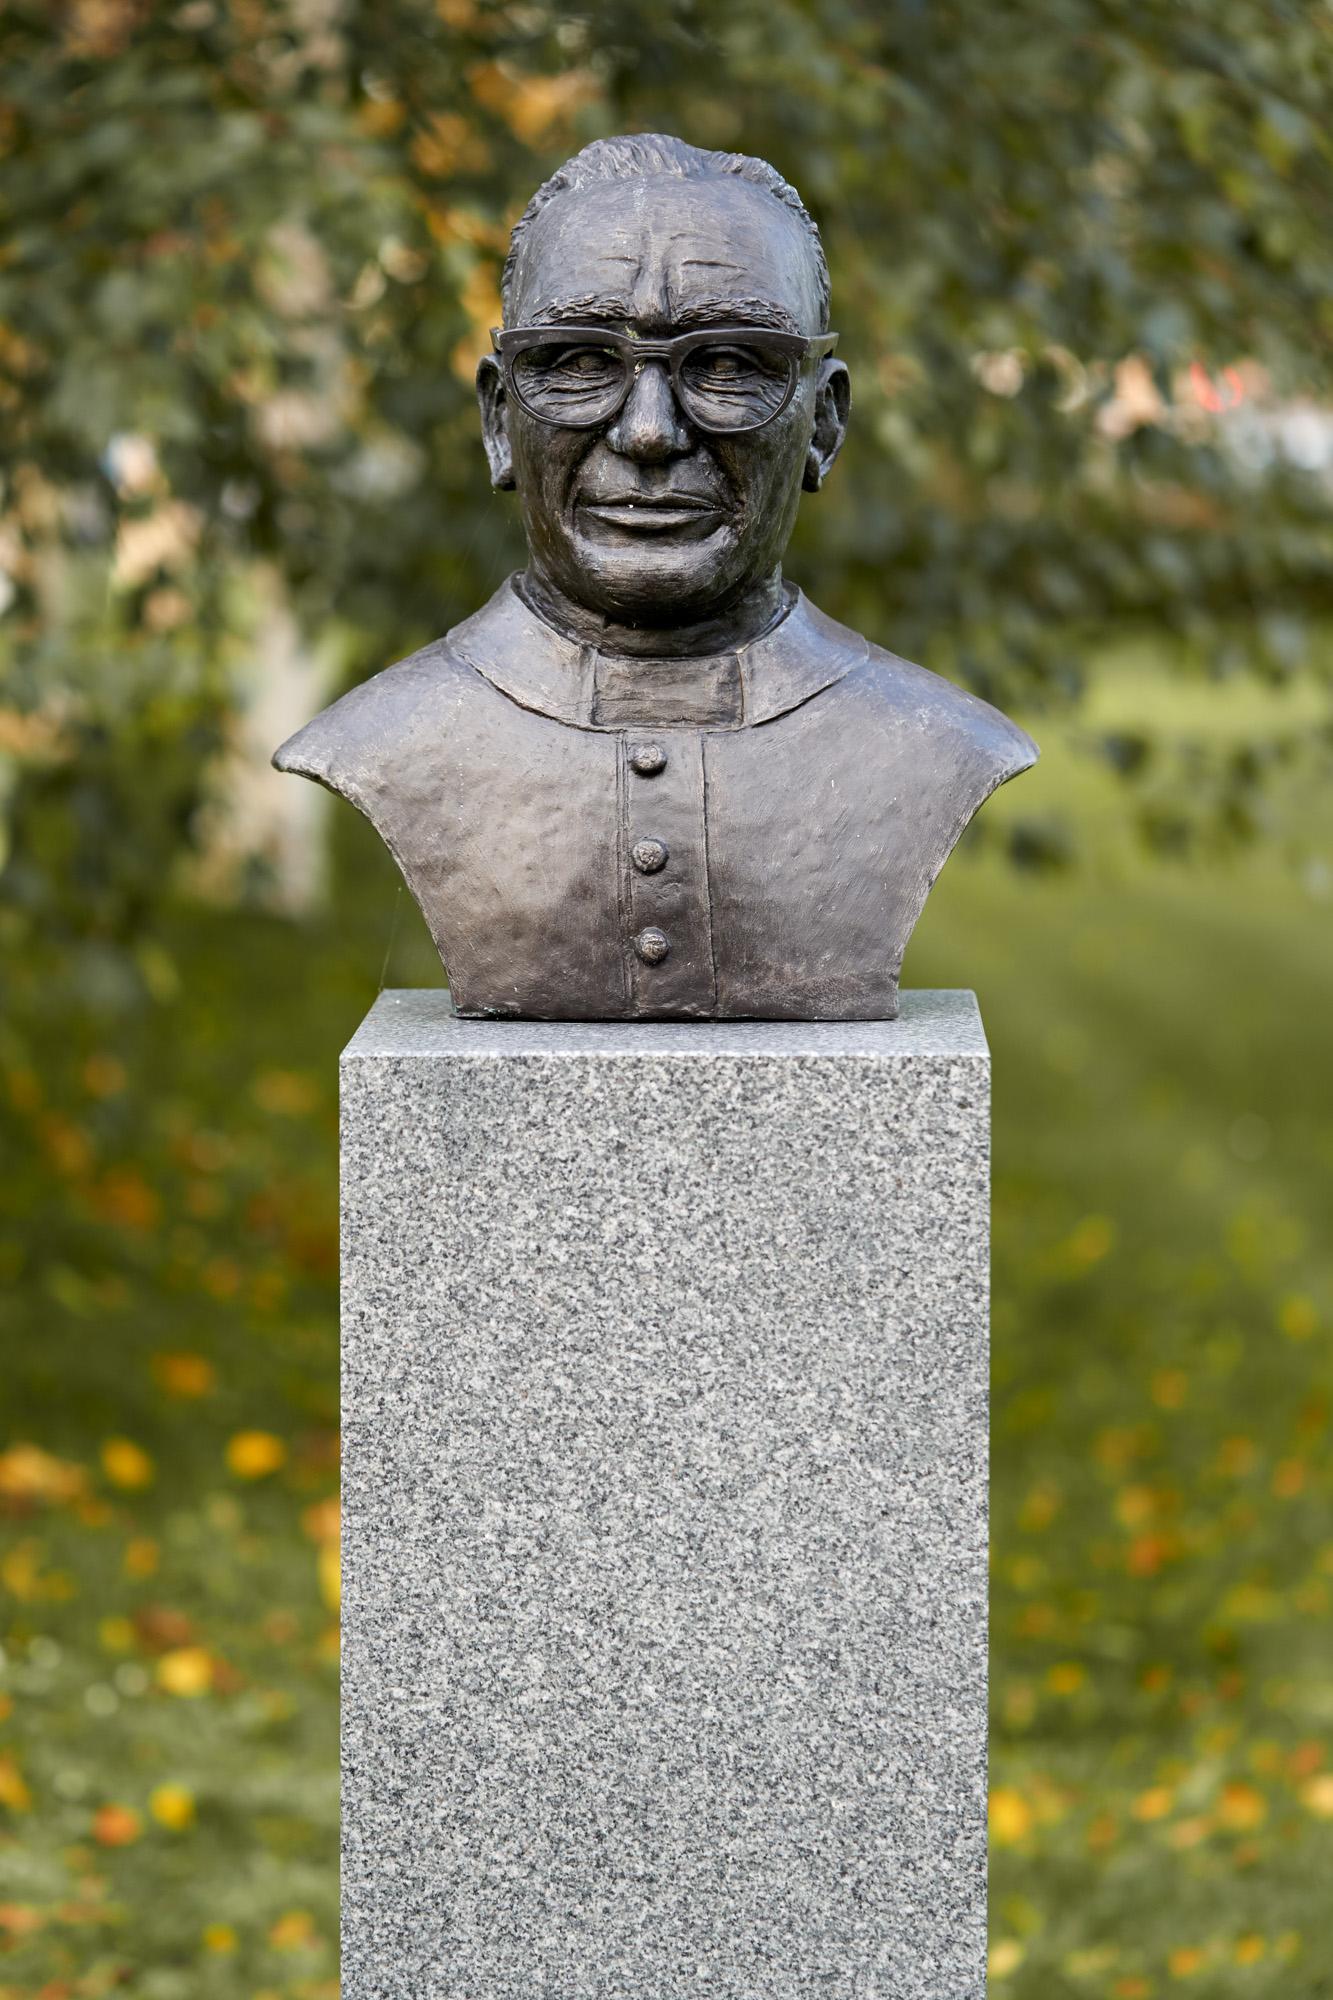 monsignor-Oscar-A.-Romero-Y-Galdamez-1